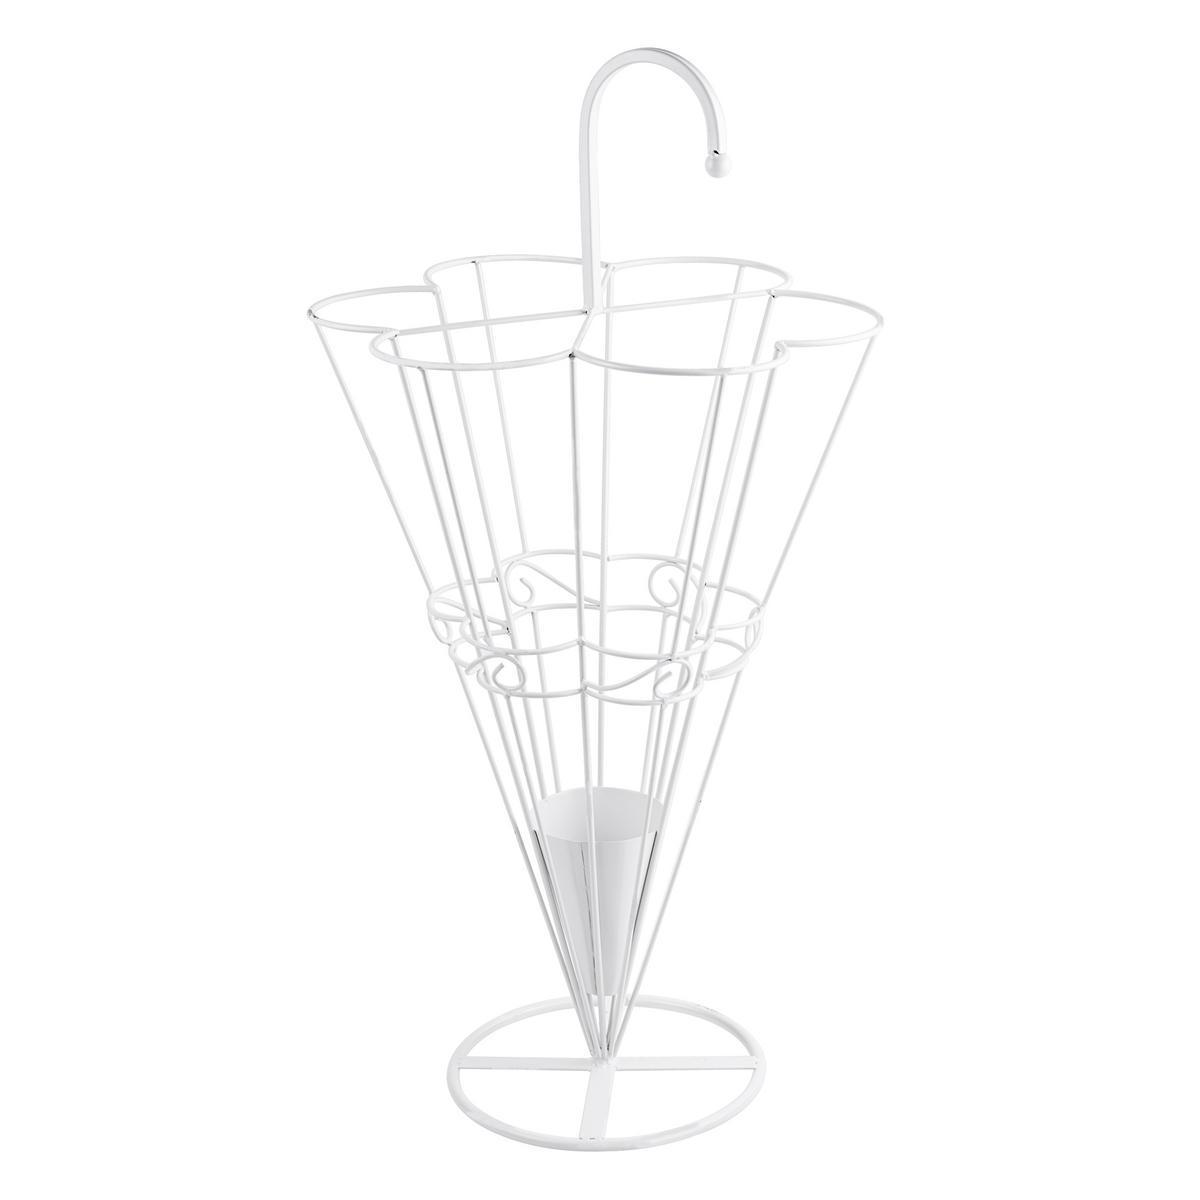 Porte Parapluie Beige Cadeaux De Noel La Foir Fouille